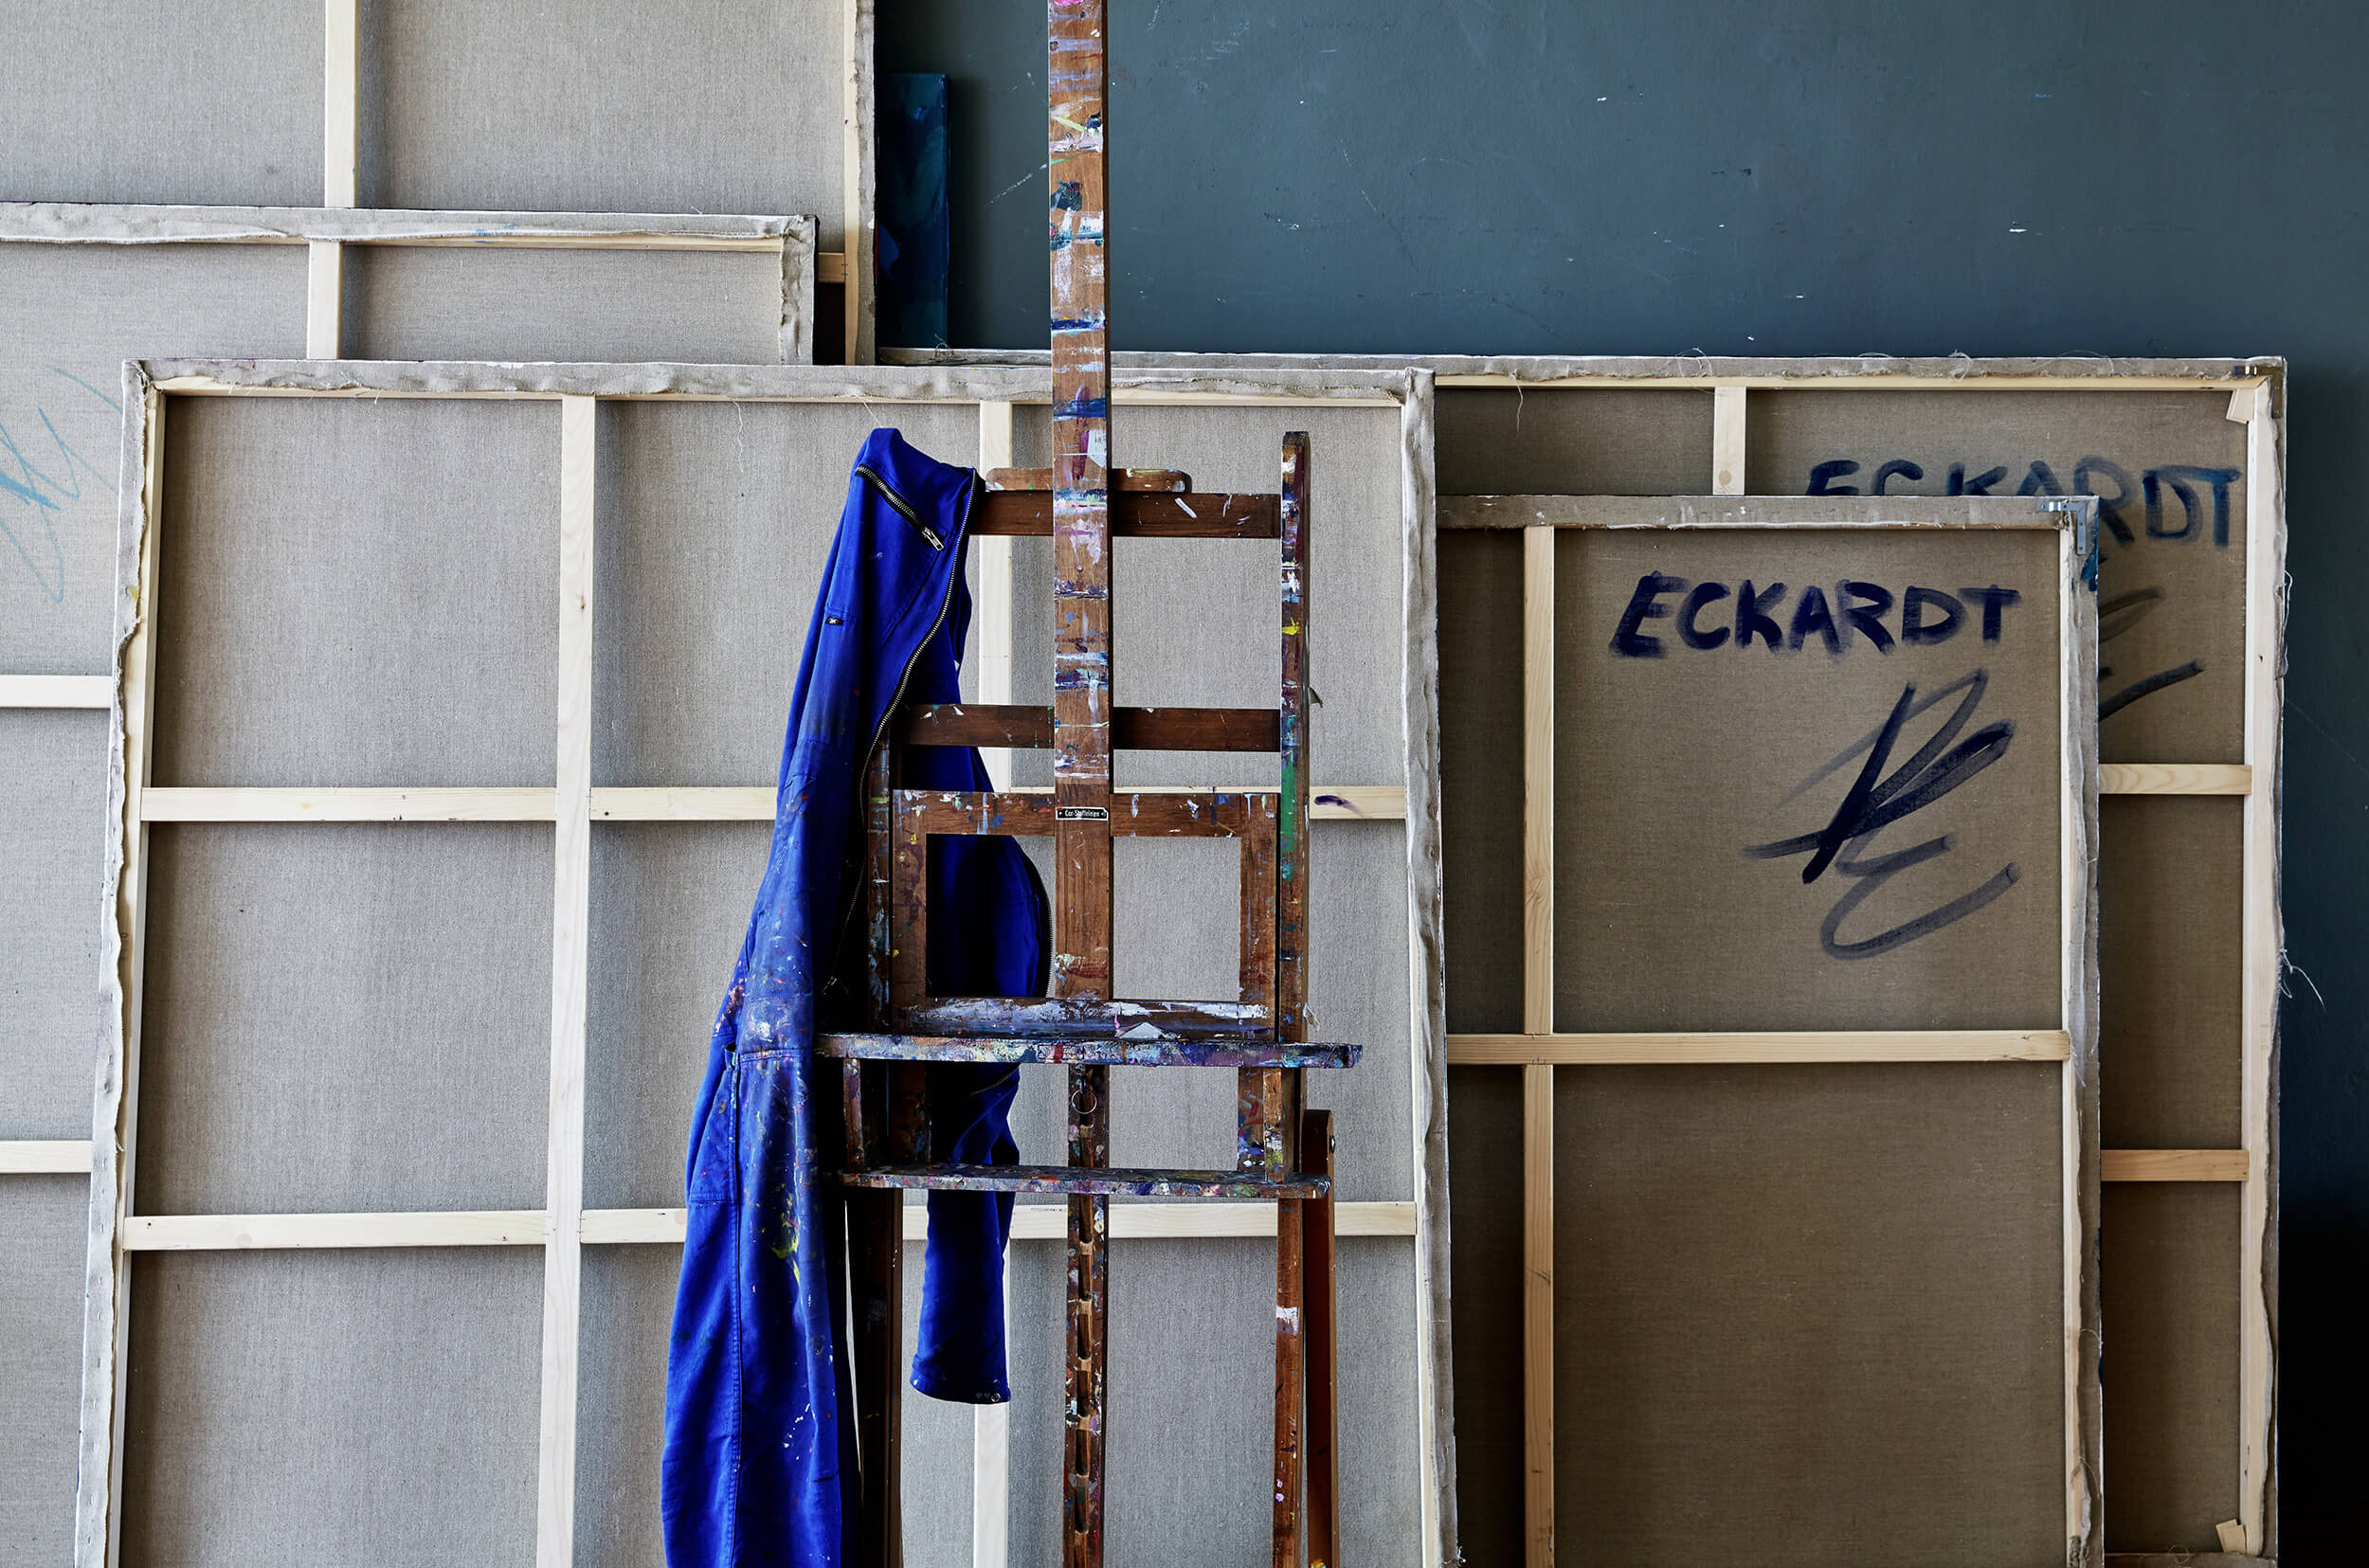 Felix Eckardt